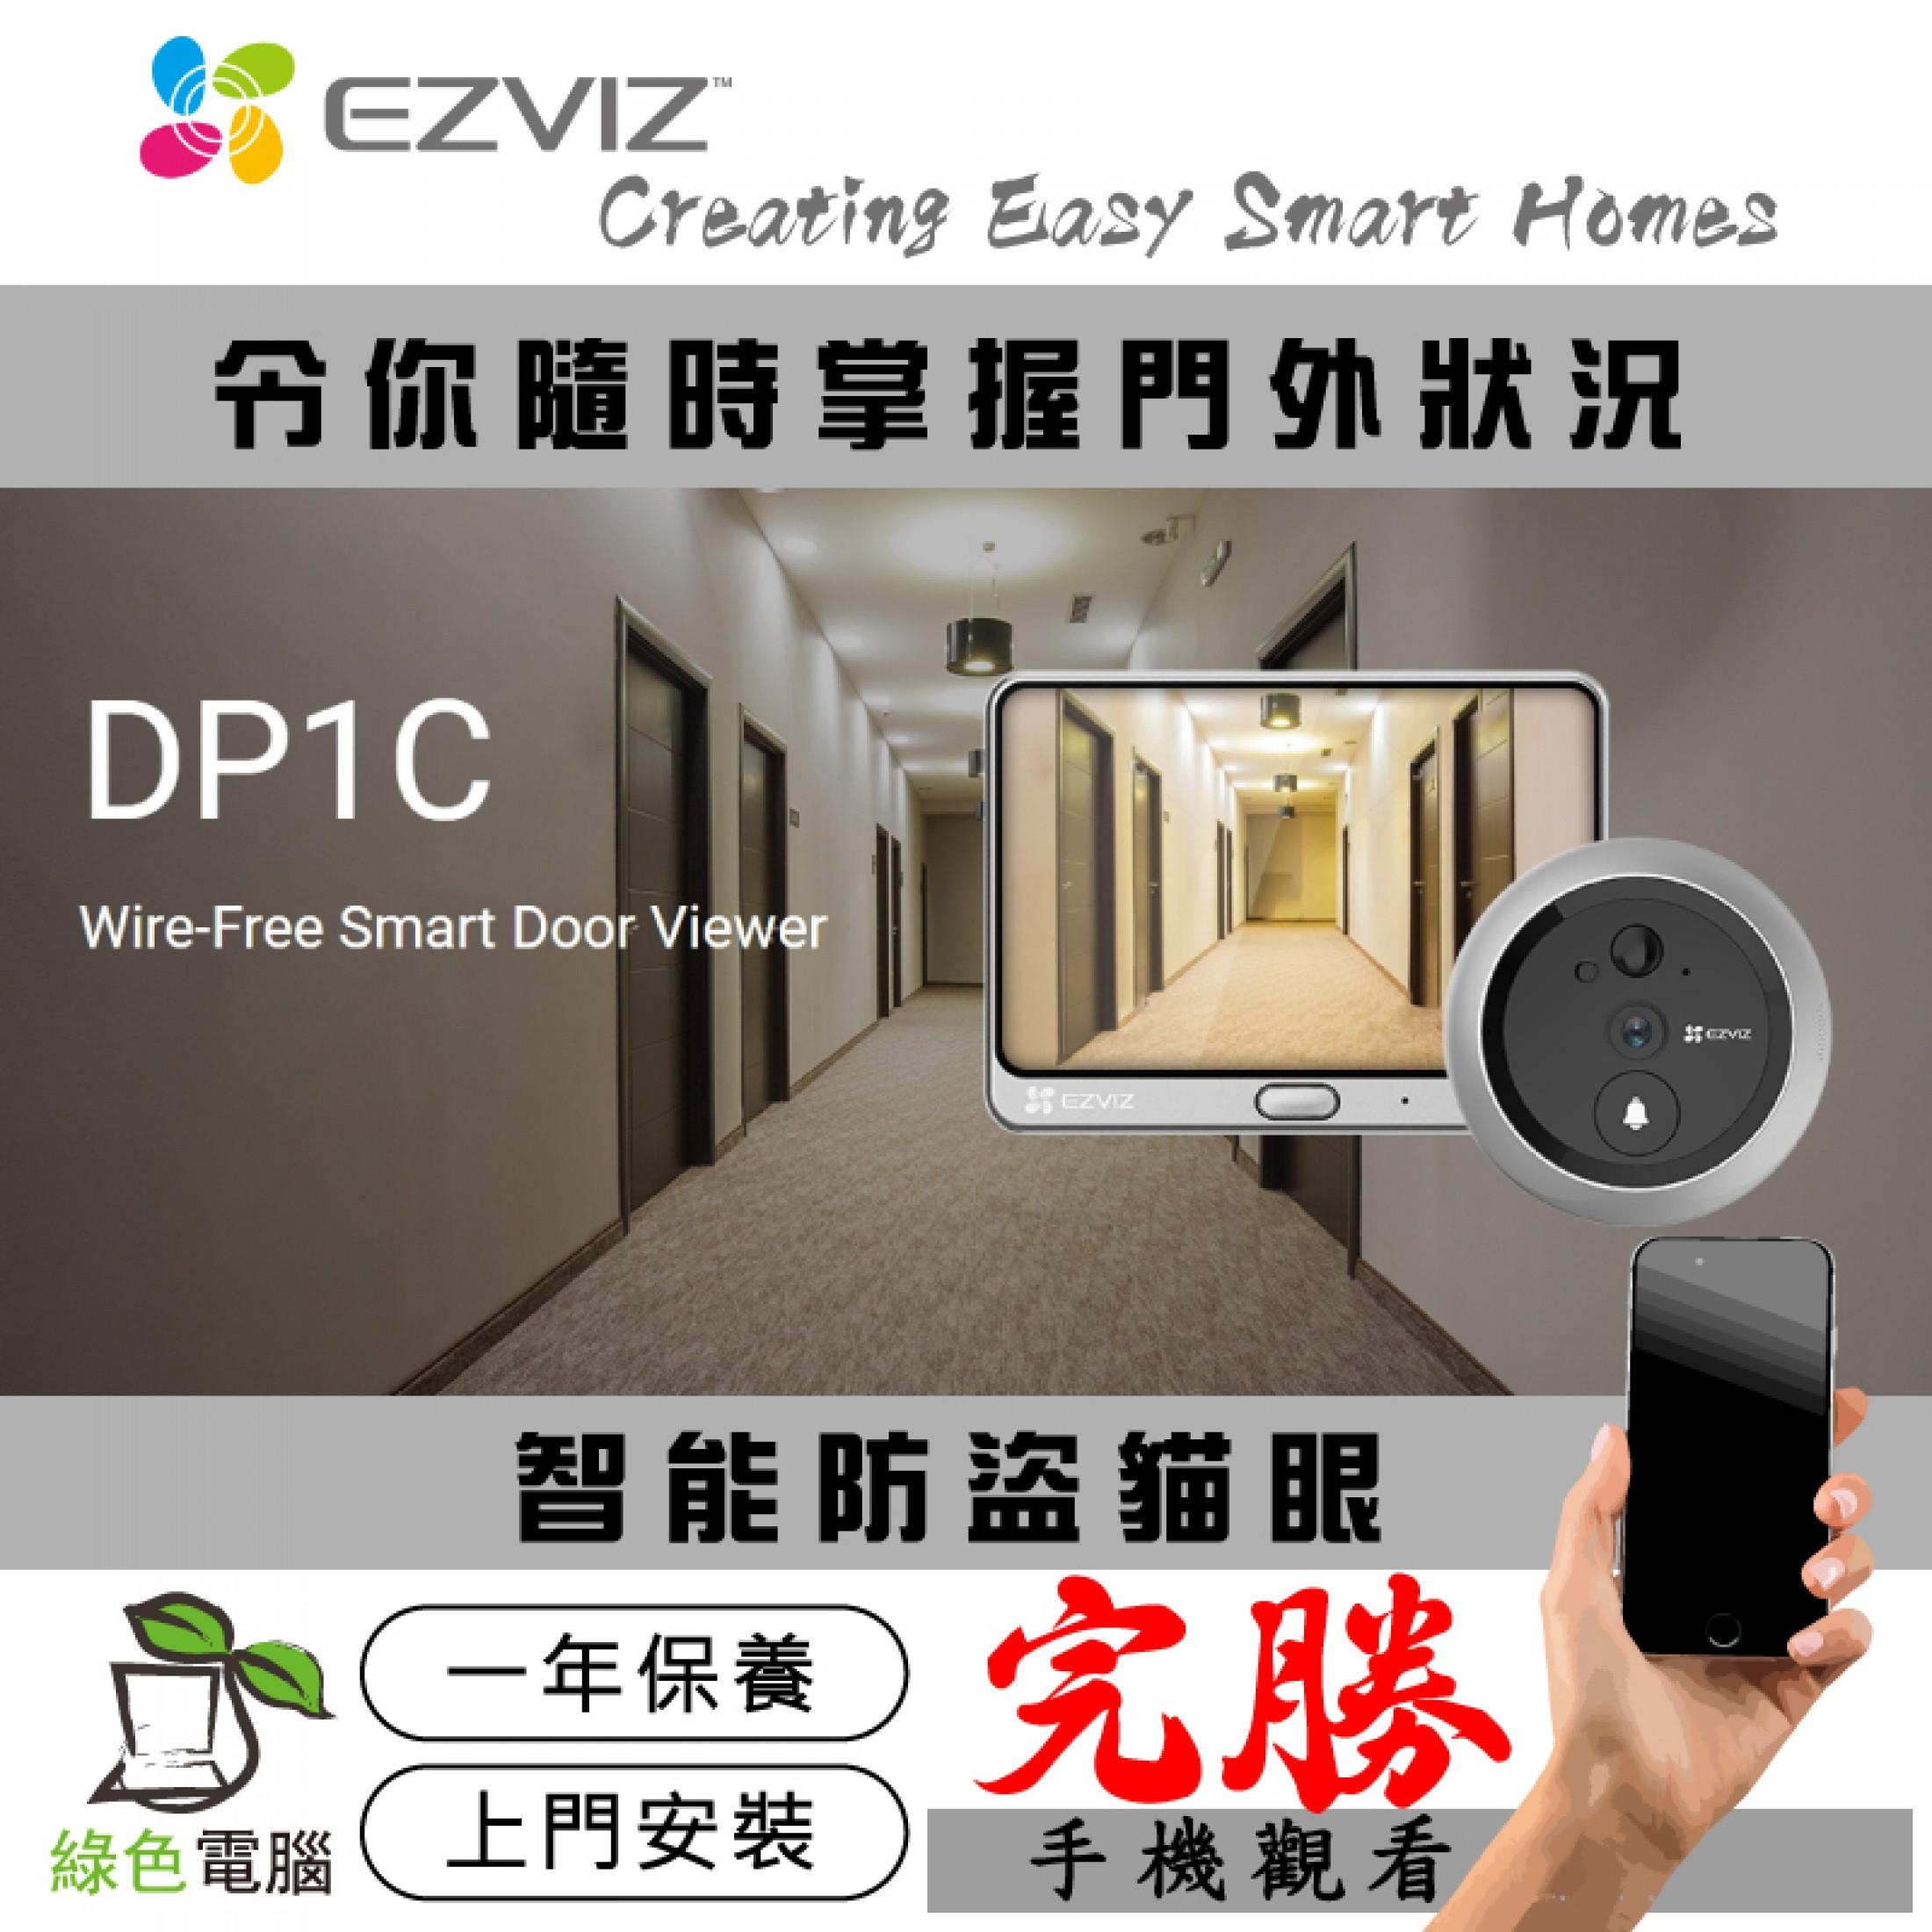 EZVIZ DP1C 智能防盗貓眼